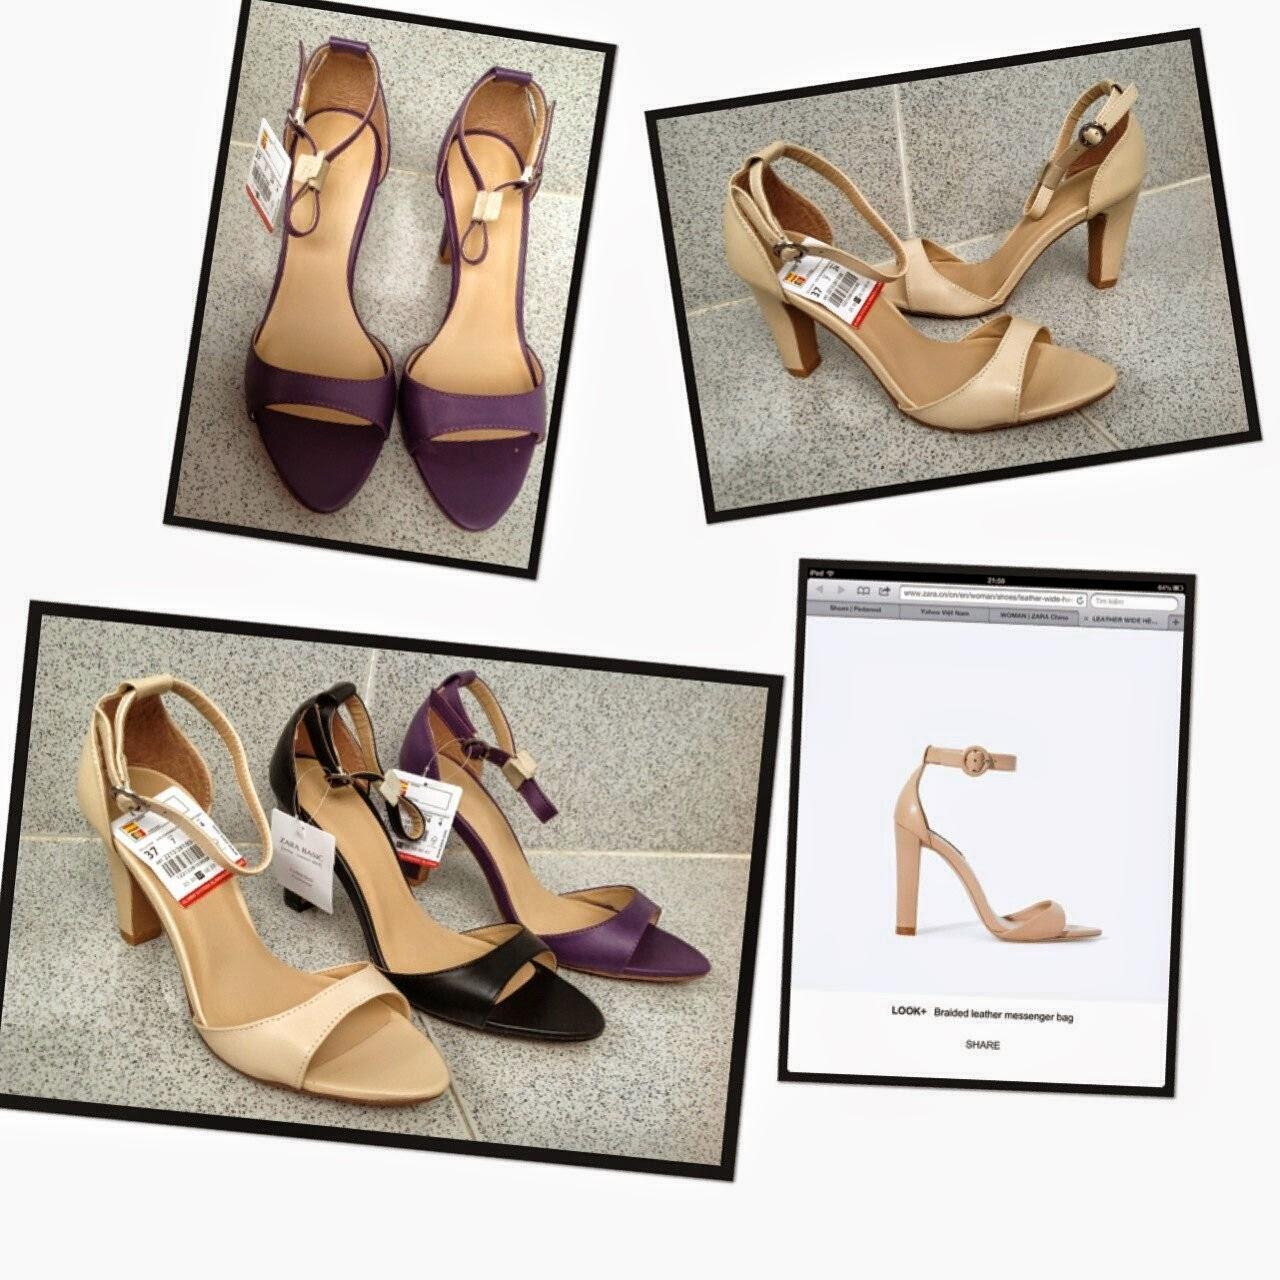 Nơi bán buôn giày dép XK tại HN, giao hàng miễn phí toàn quốc